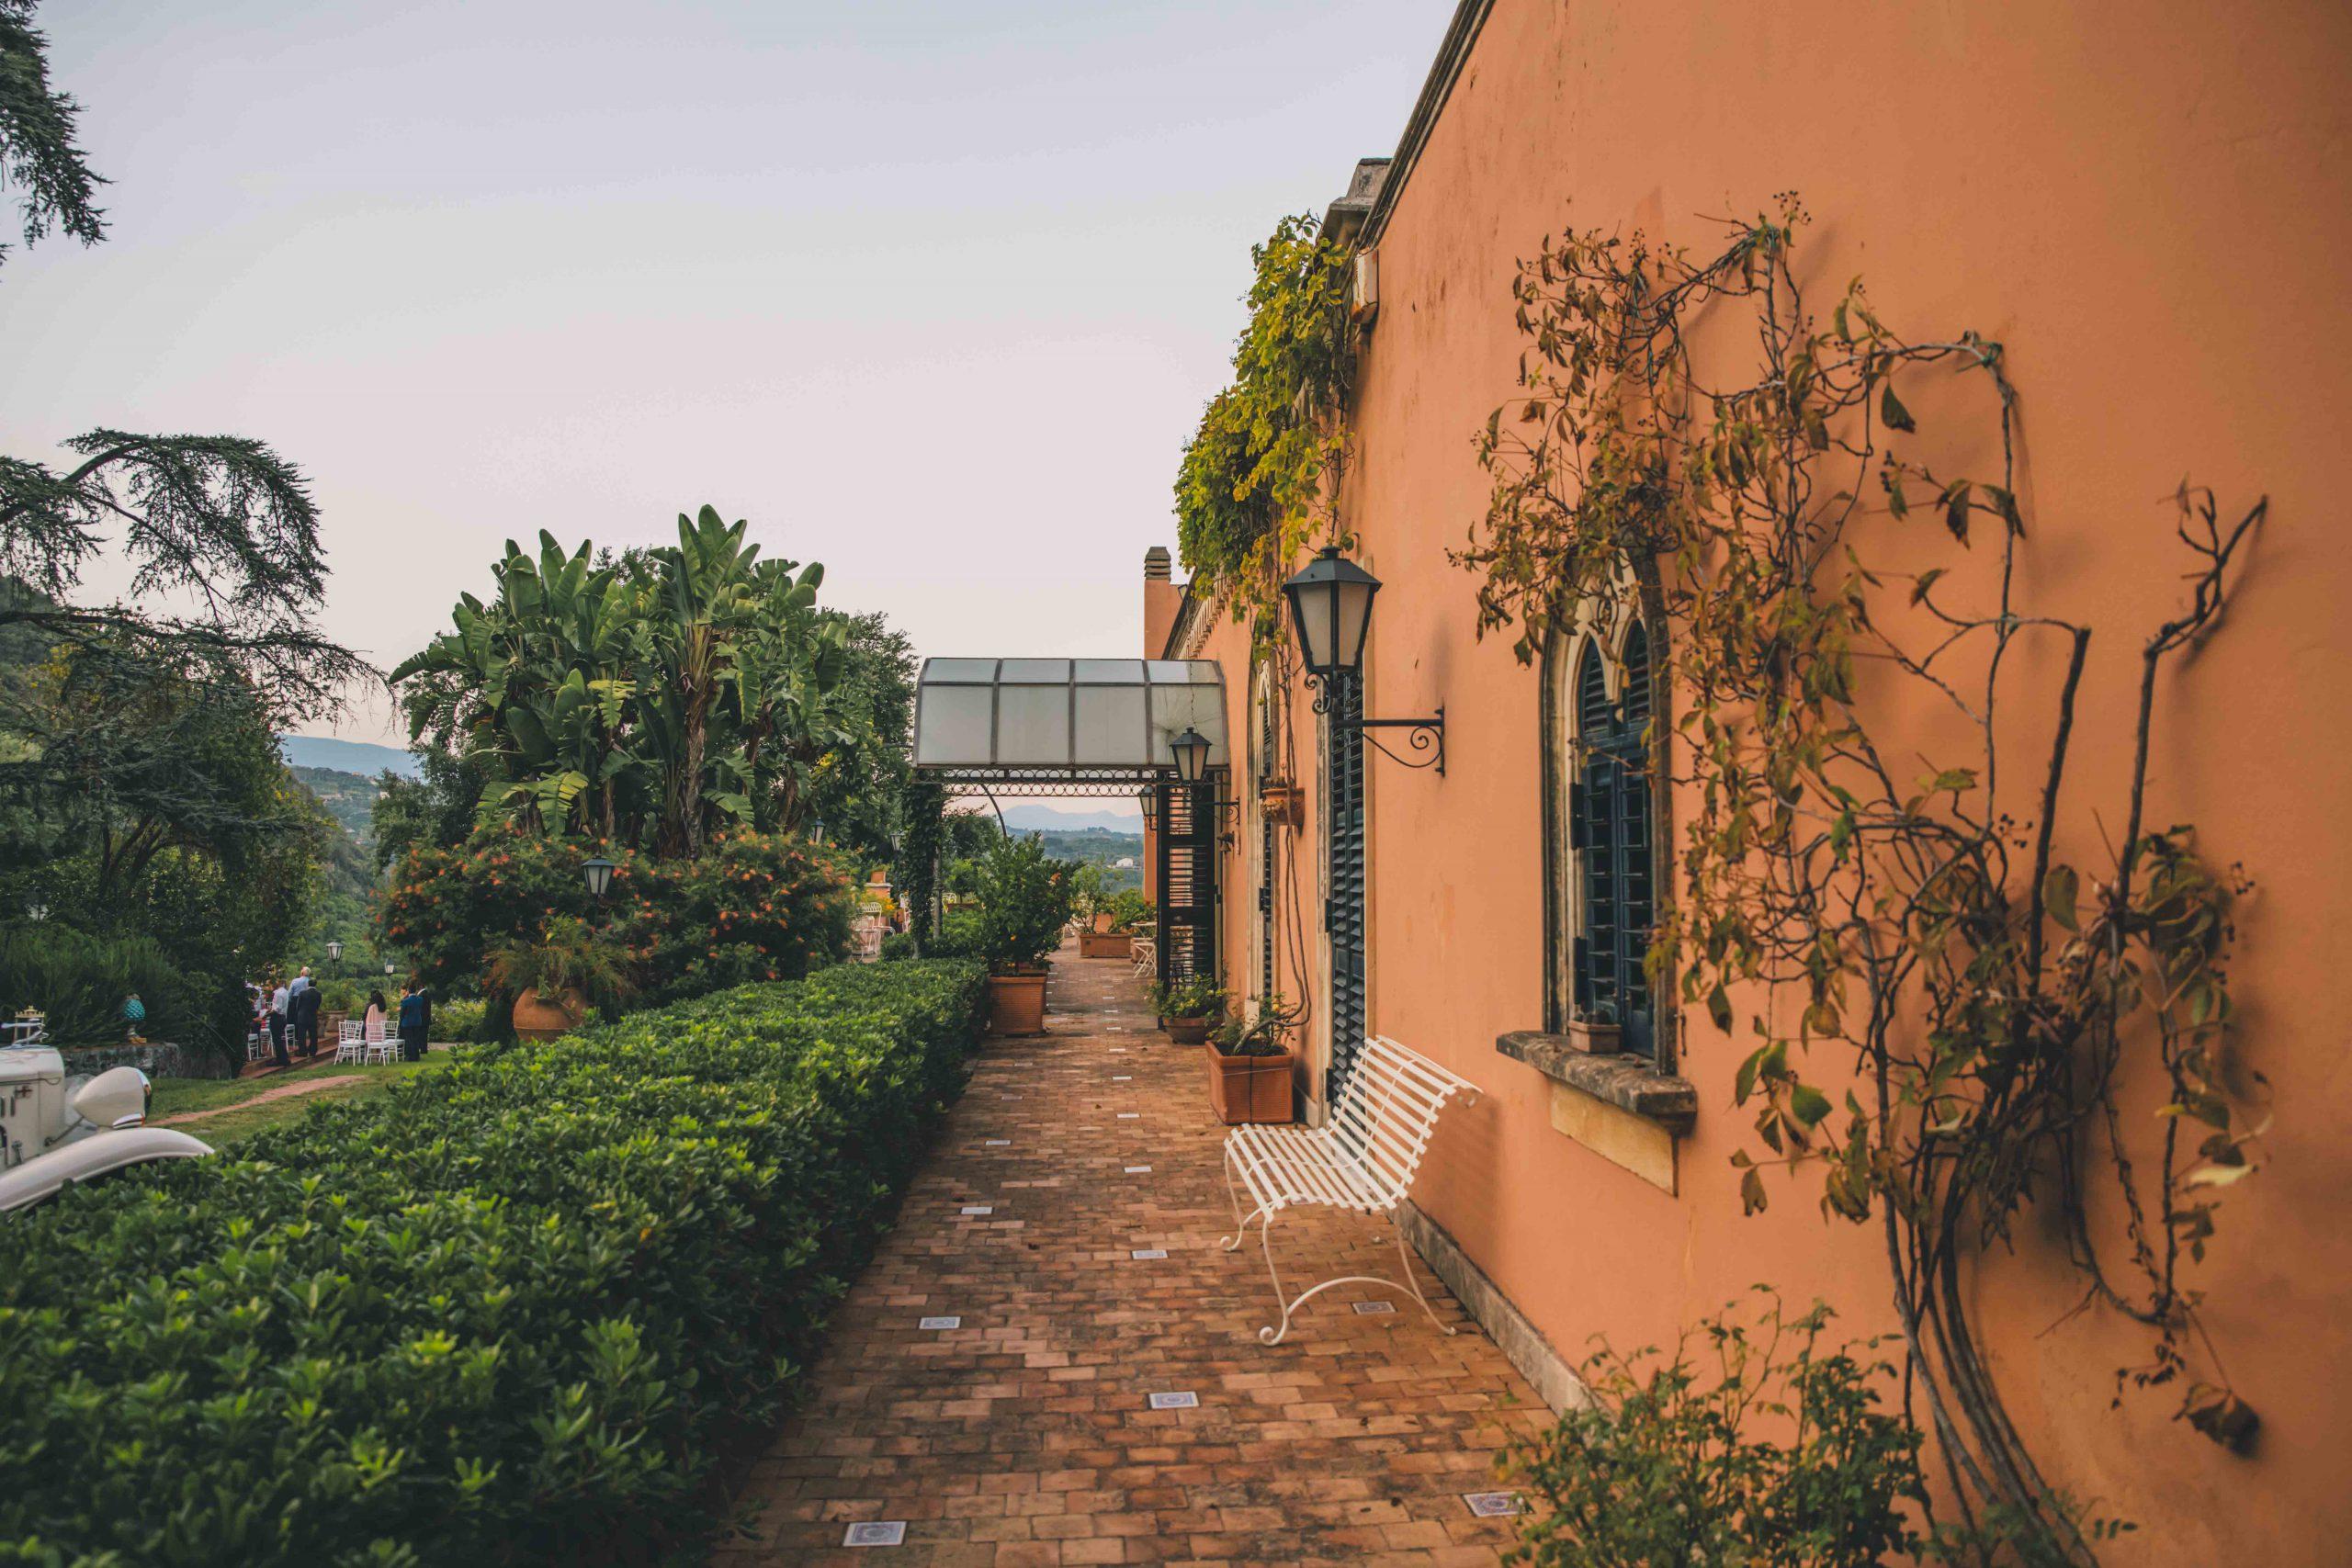 Qualsiasi strada vogliate seguire per avere il vostro matrimonio da favola, il punto di partenza è qui: Villa Musmeci, dove sentimento ed eleganza si incontrano in un sodalizio perfetto.